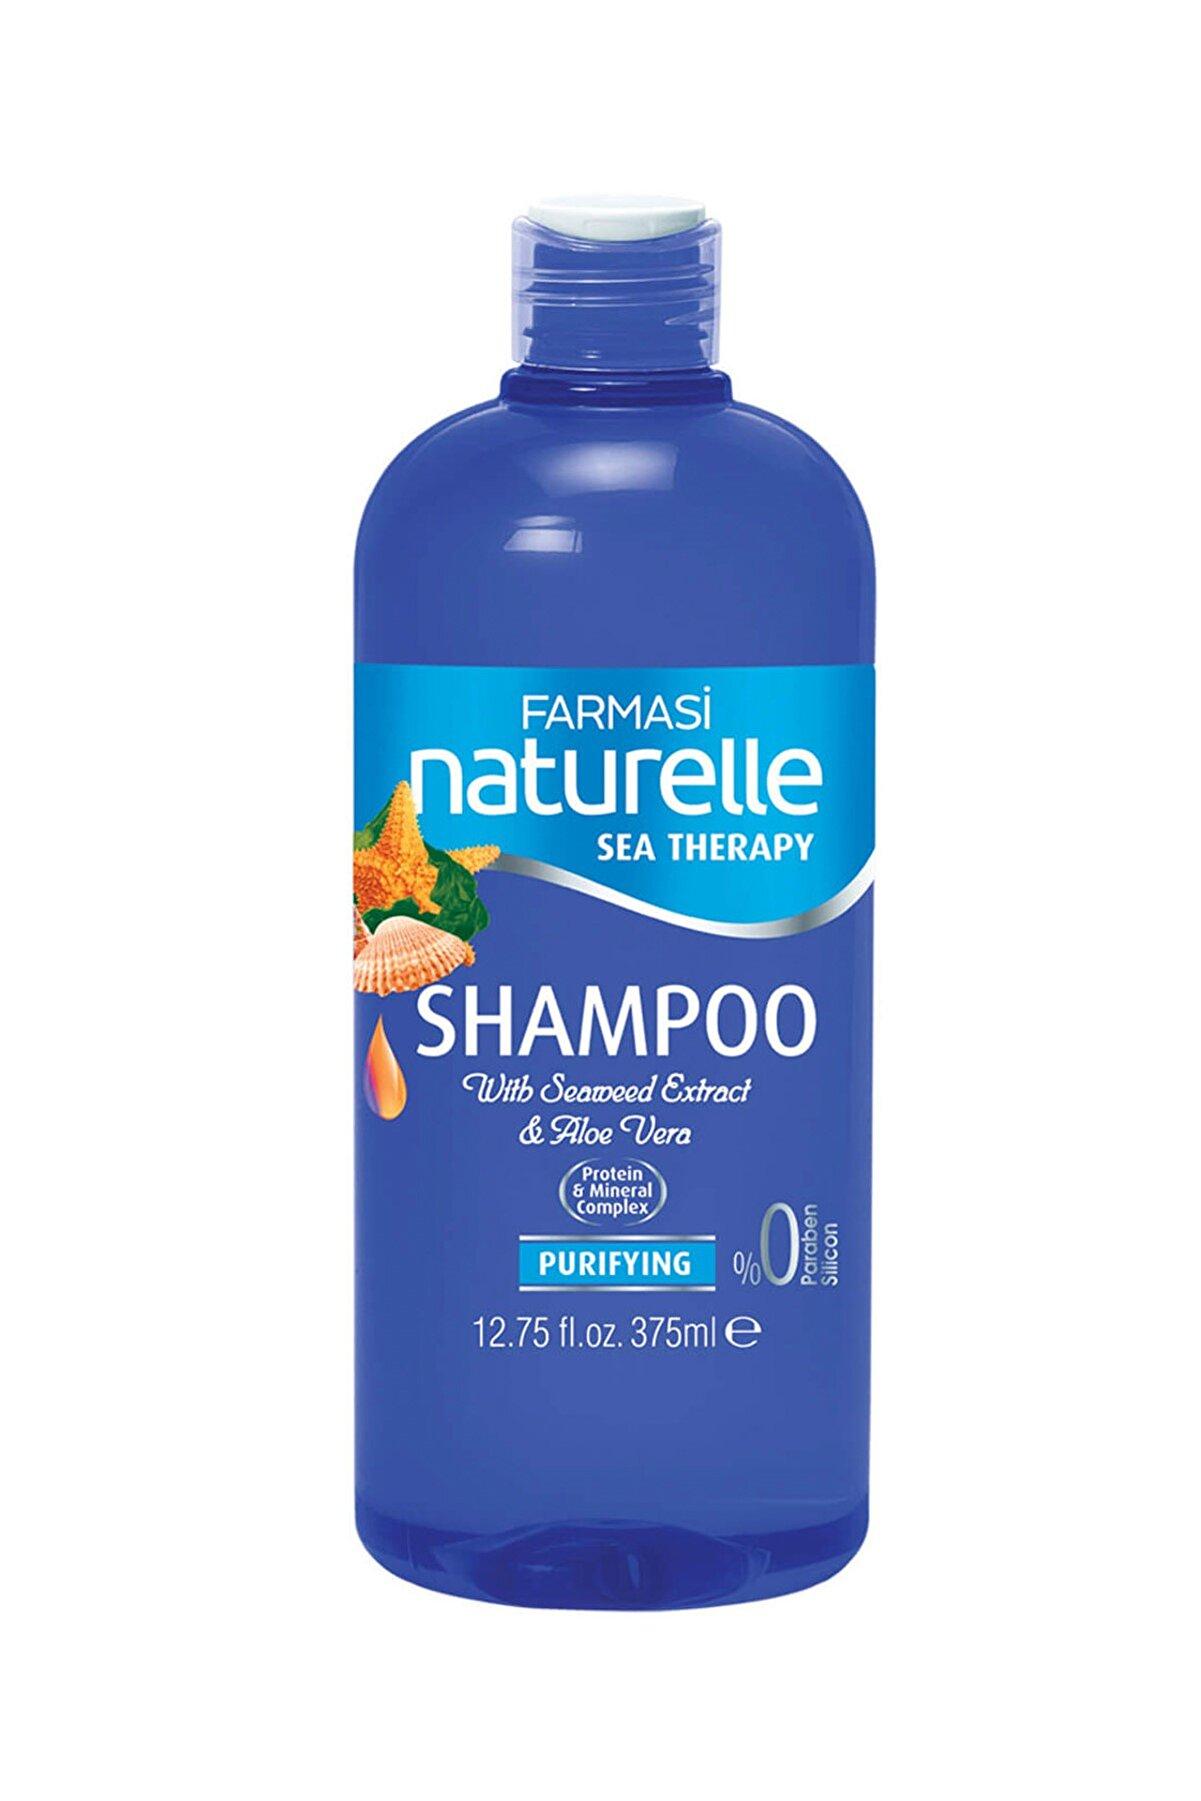 Farmasi Deniz Mineralli Arındırıcı Şampuan 375 ml 8690131100469